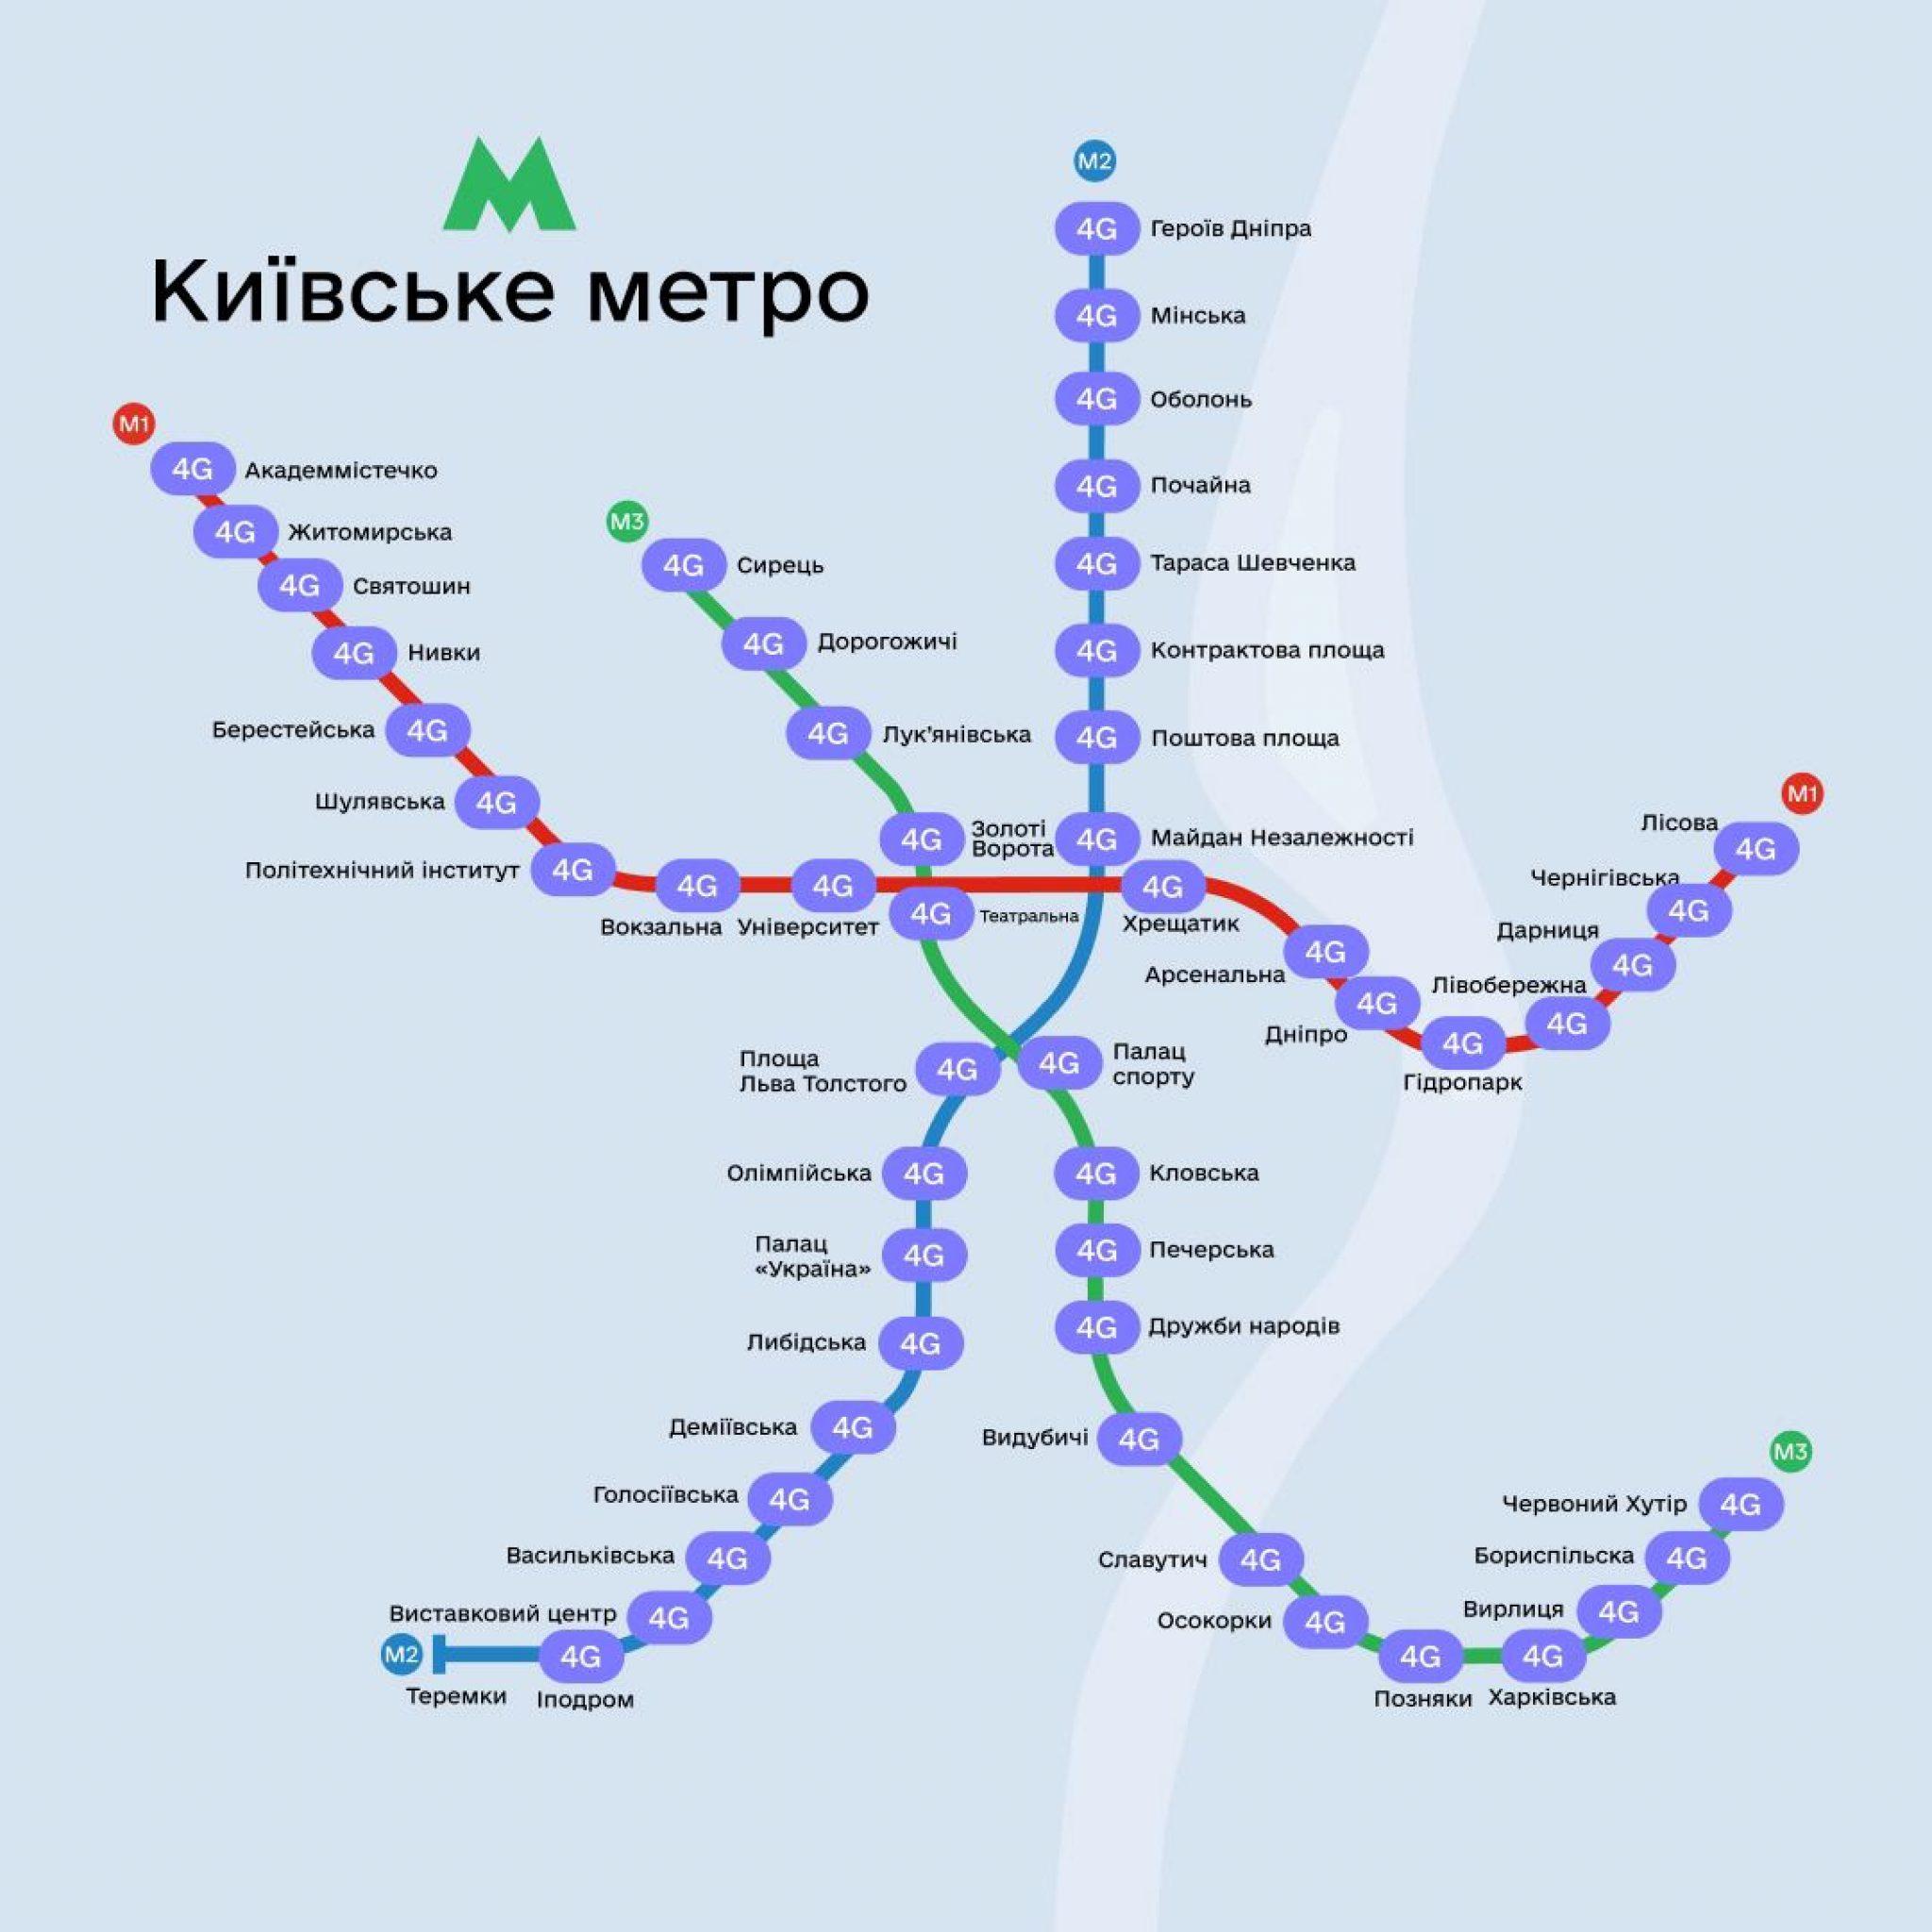 метро 4дж